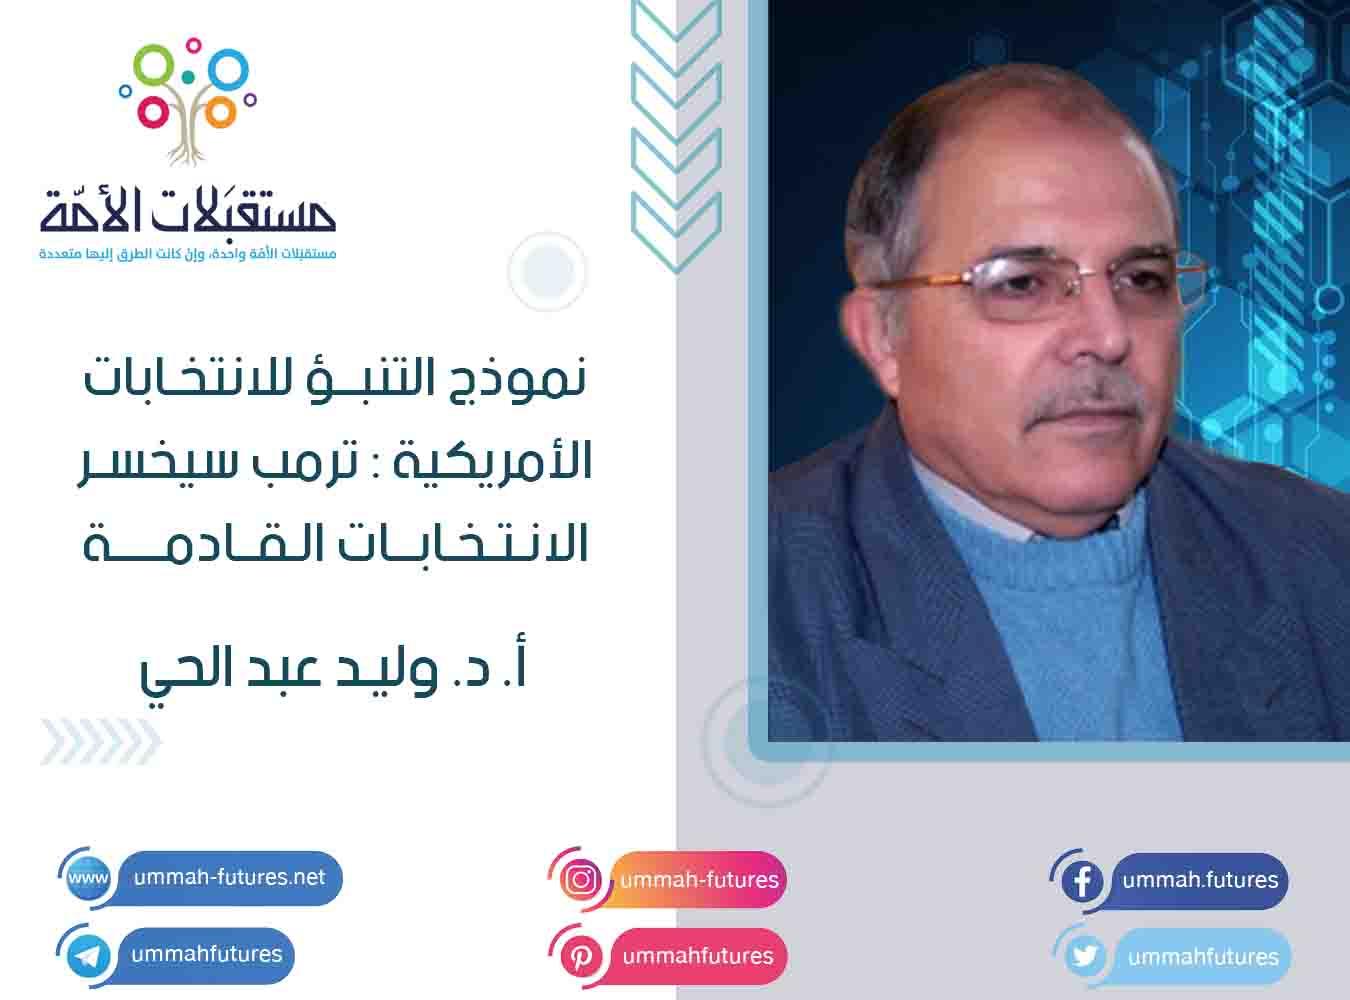 نموذج التنبؤ للانتخابات الأمريكية :ترمب سيخسر   أ. د. وليد عبد الحي